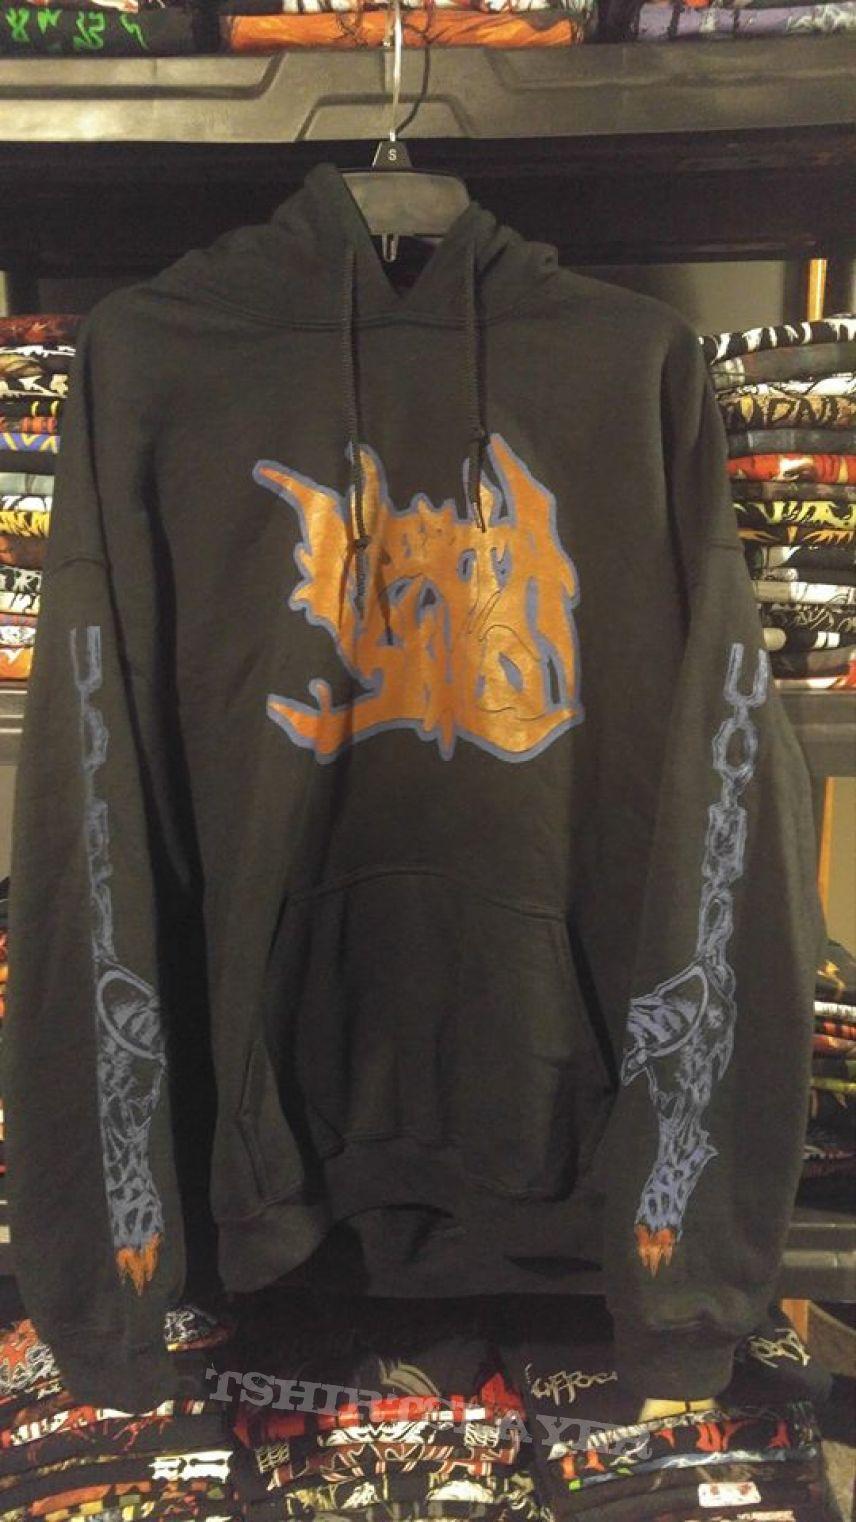 Morta Skuld hoodie